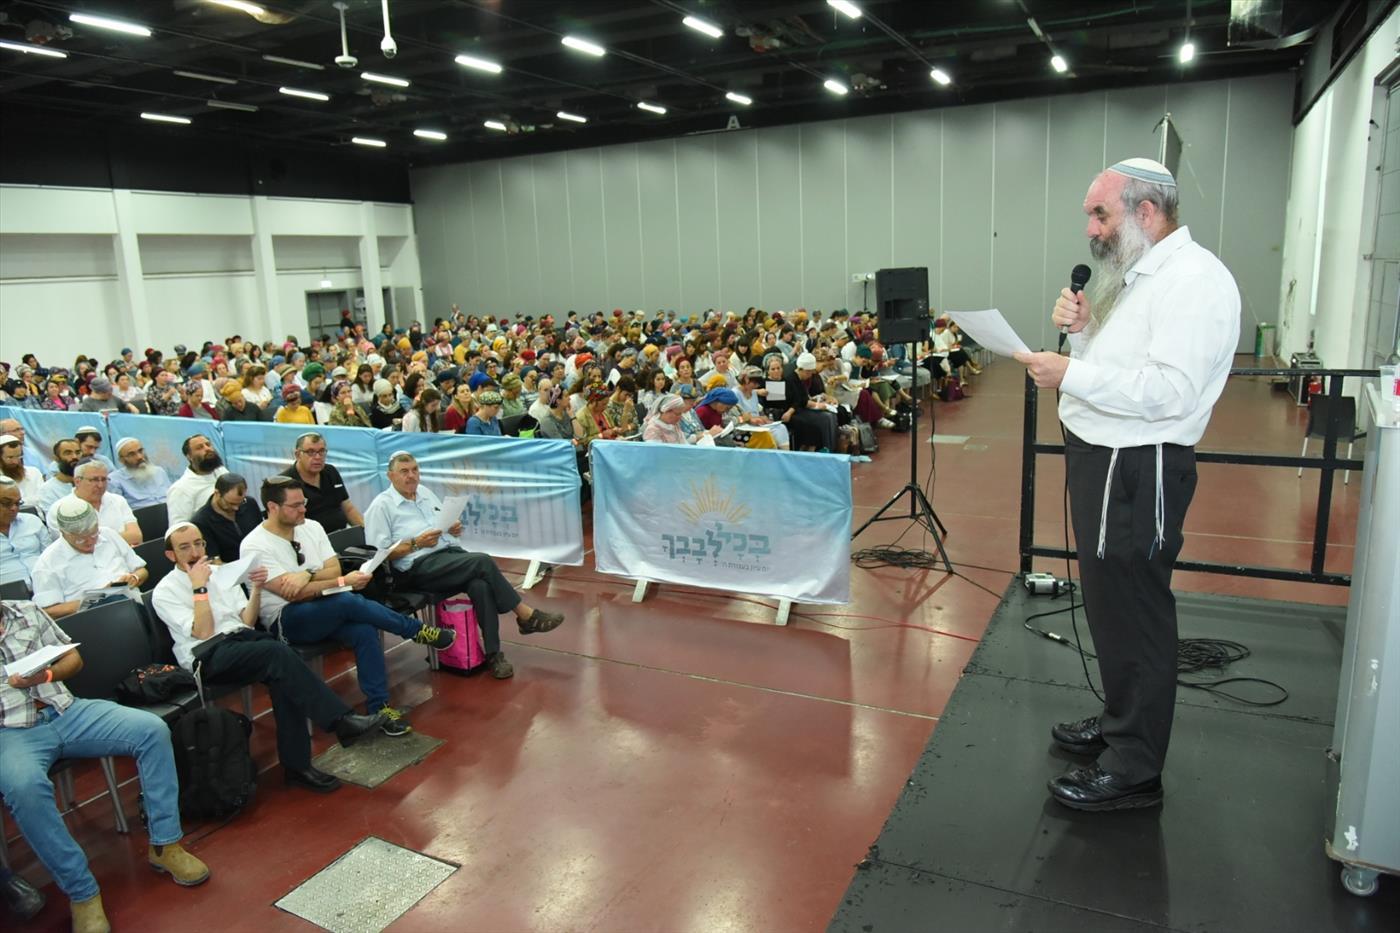 הרב שפירא היום בכנס (משה איטח)